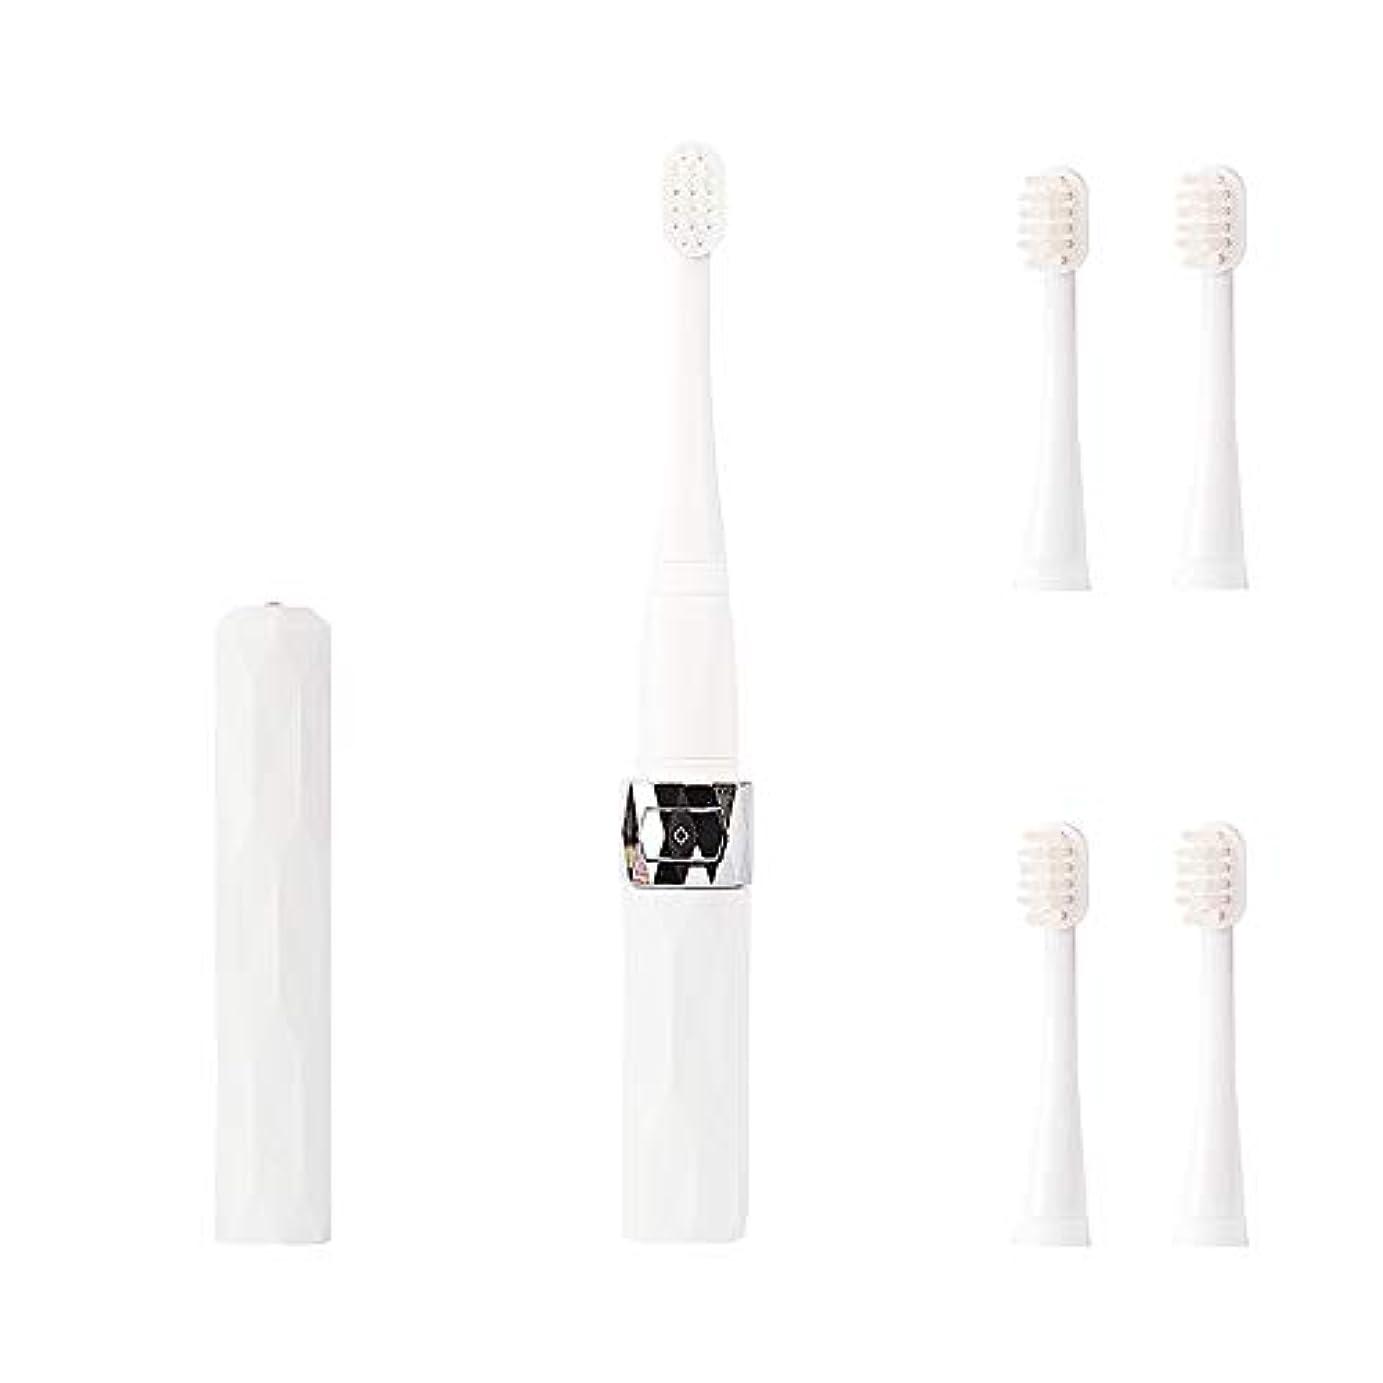 本当のことを言うと降伏ベックスコリミダ(COLIMIDA) 電動歯ブラシ 子供歯ブラシ 音波振動 スマートソニック 携帯に便利な 防水式 替えブラシ4本 歯ブラシシステマ 極細毛 タイプ ルージュ ホワイト